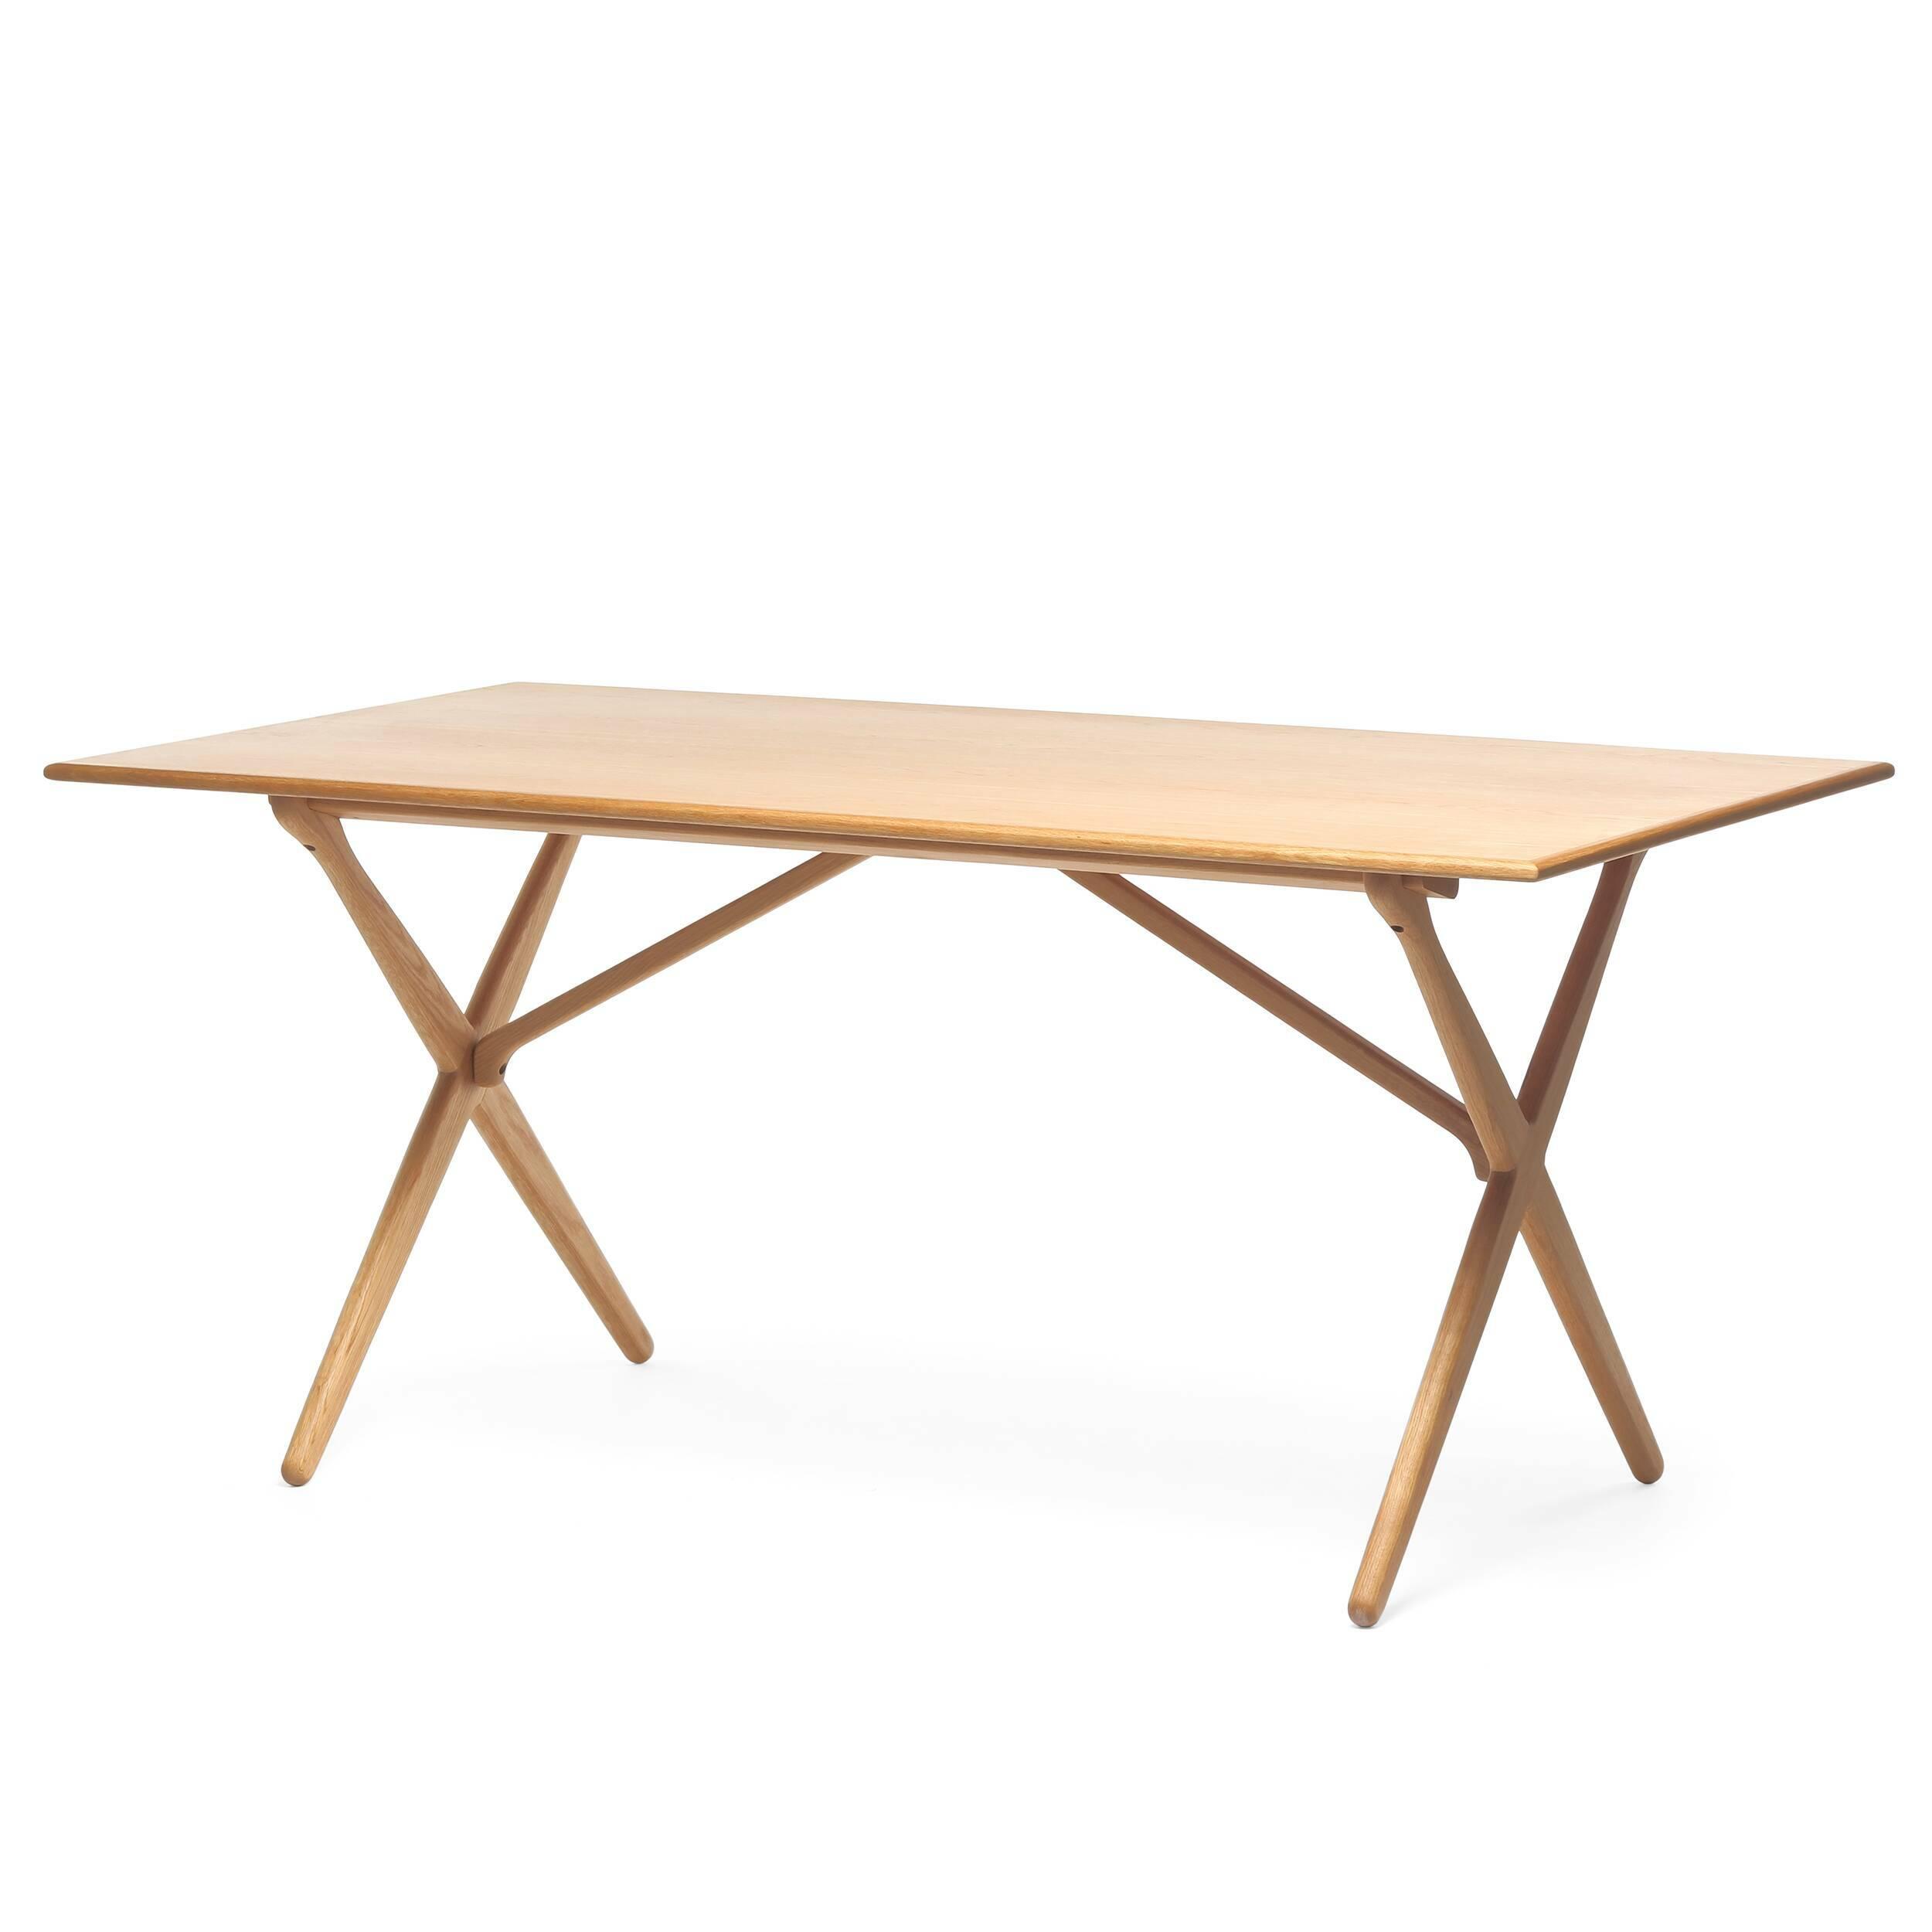 Обеденный стол CrossОбеденные<br>Дизайнерская легкий деревянный обеденный стол Cross прямоугольной формы от Cosmo (Космо).<br>         Этот обеденный стол с Х-образными ножками является одним из знаменитых дизайнов датской классики, созданных еще в 60-х годах.<br><br><br> Стол Cross изготовлен из древесины ясеня или американского ореха. Эти материалы обладают высокой прочностью и красивой текстурой. Ножки изготовлены из такой же качественной древесины и собраны в оригинальную Х-образную конструкцию, которая удивит вас своим интересн...<br><br>stock: 2<br>Высота: 75<br>Ширина: 85,5<br>Длина: 165,5<br>Цвет ножек: Светло-коричневый<br>Цвет столешницы: Светло-коричневый<br>Материал ножек: Массив дуба<br>Материал столешницы: МДФ, шпон дуба<br>Тип материала столешницы: МДФ<br>Тип материала ножек: Дерево